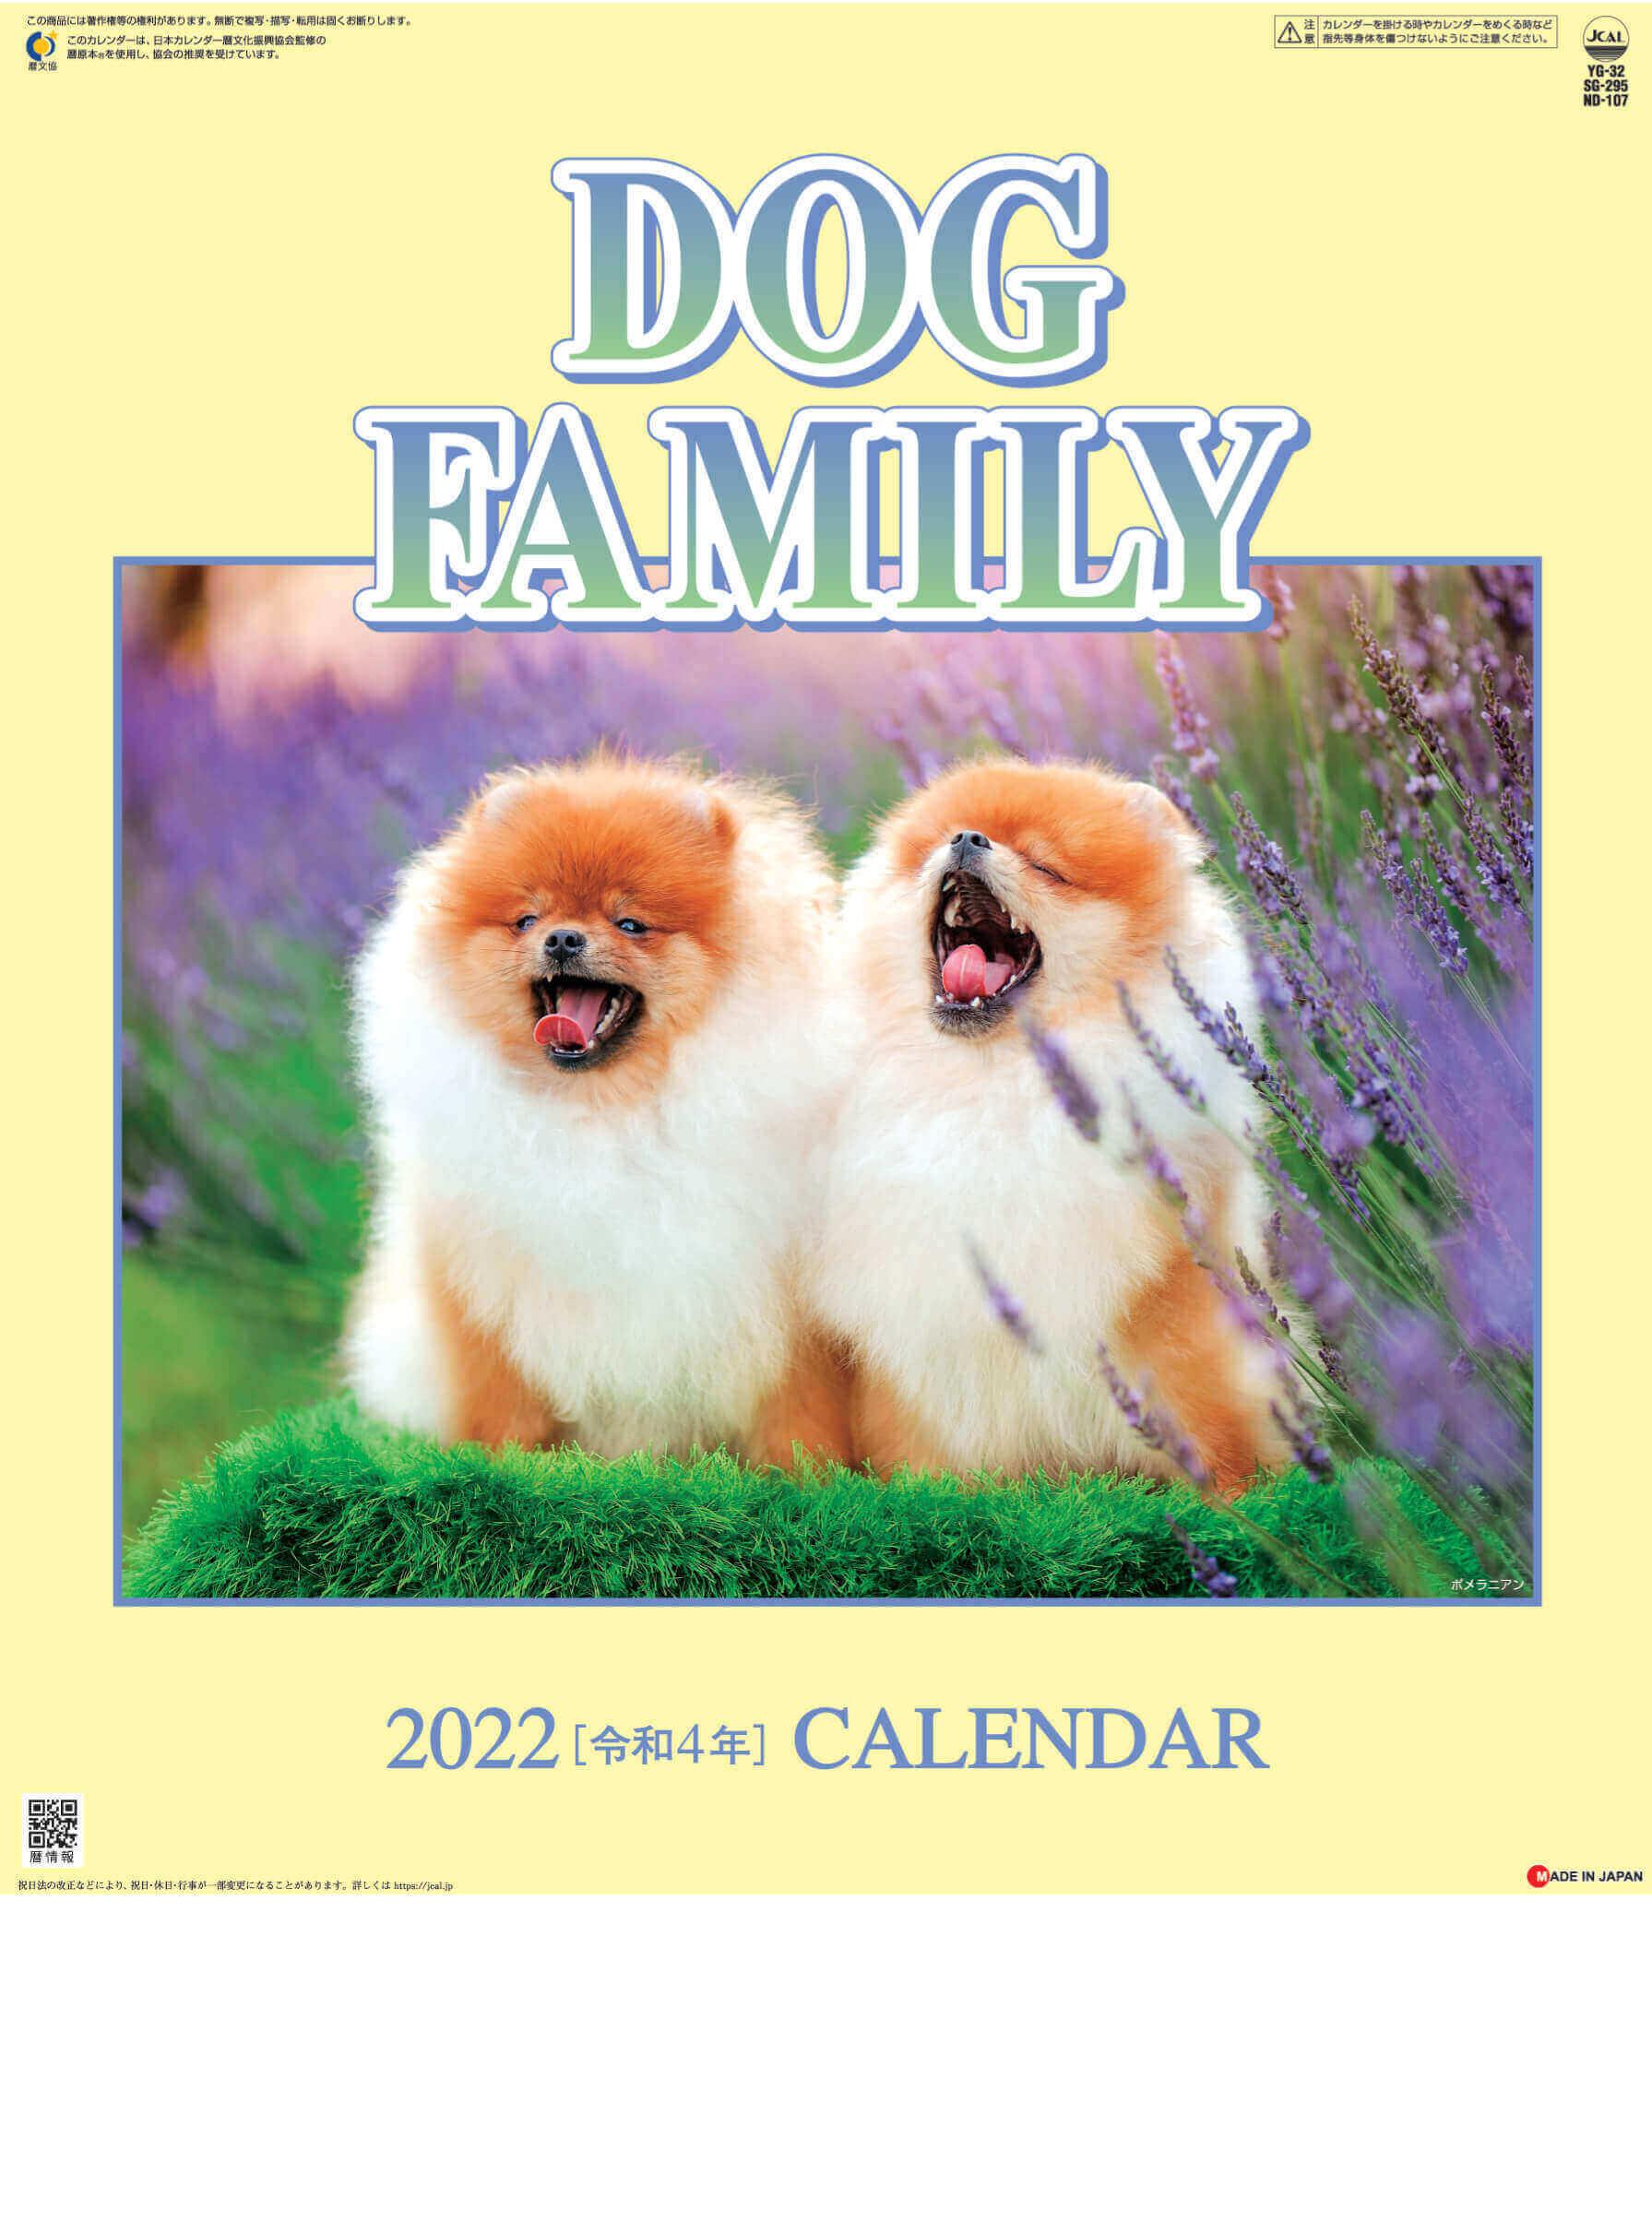 ドッグファミリー 2022年カレンダーの画像